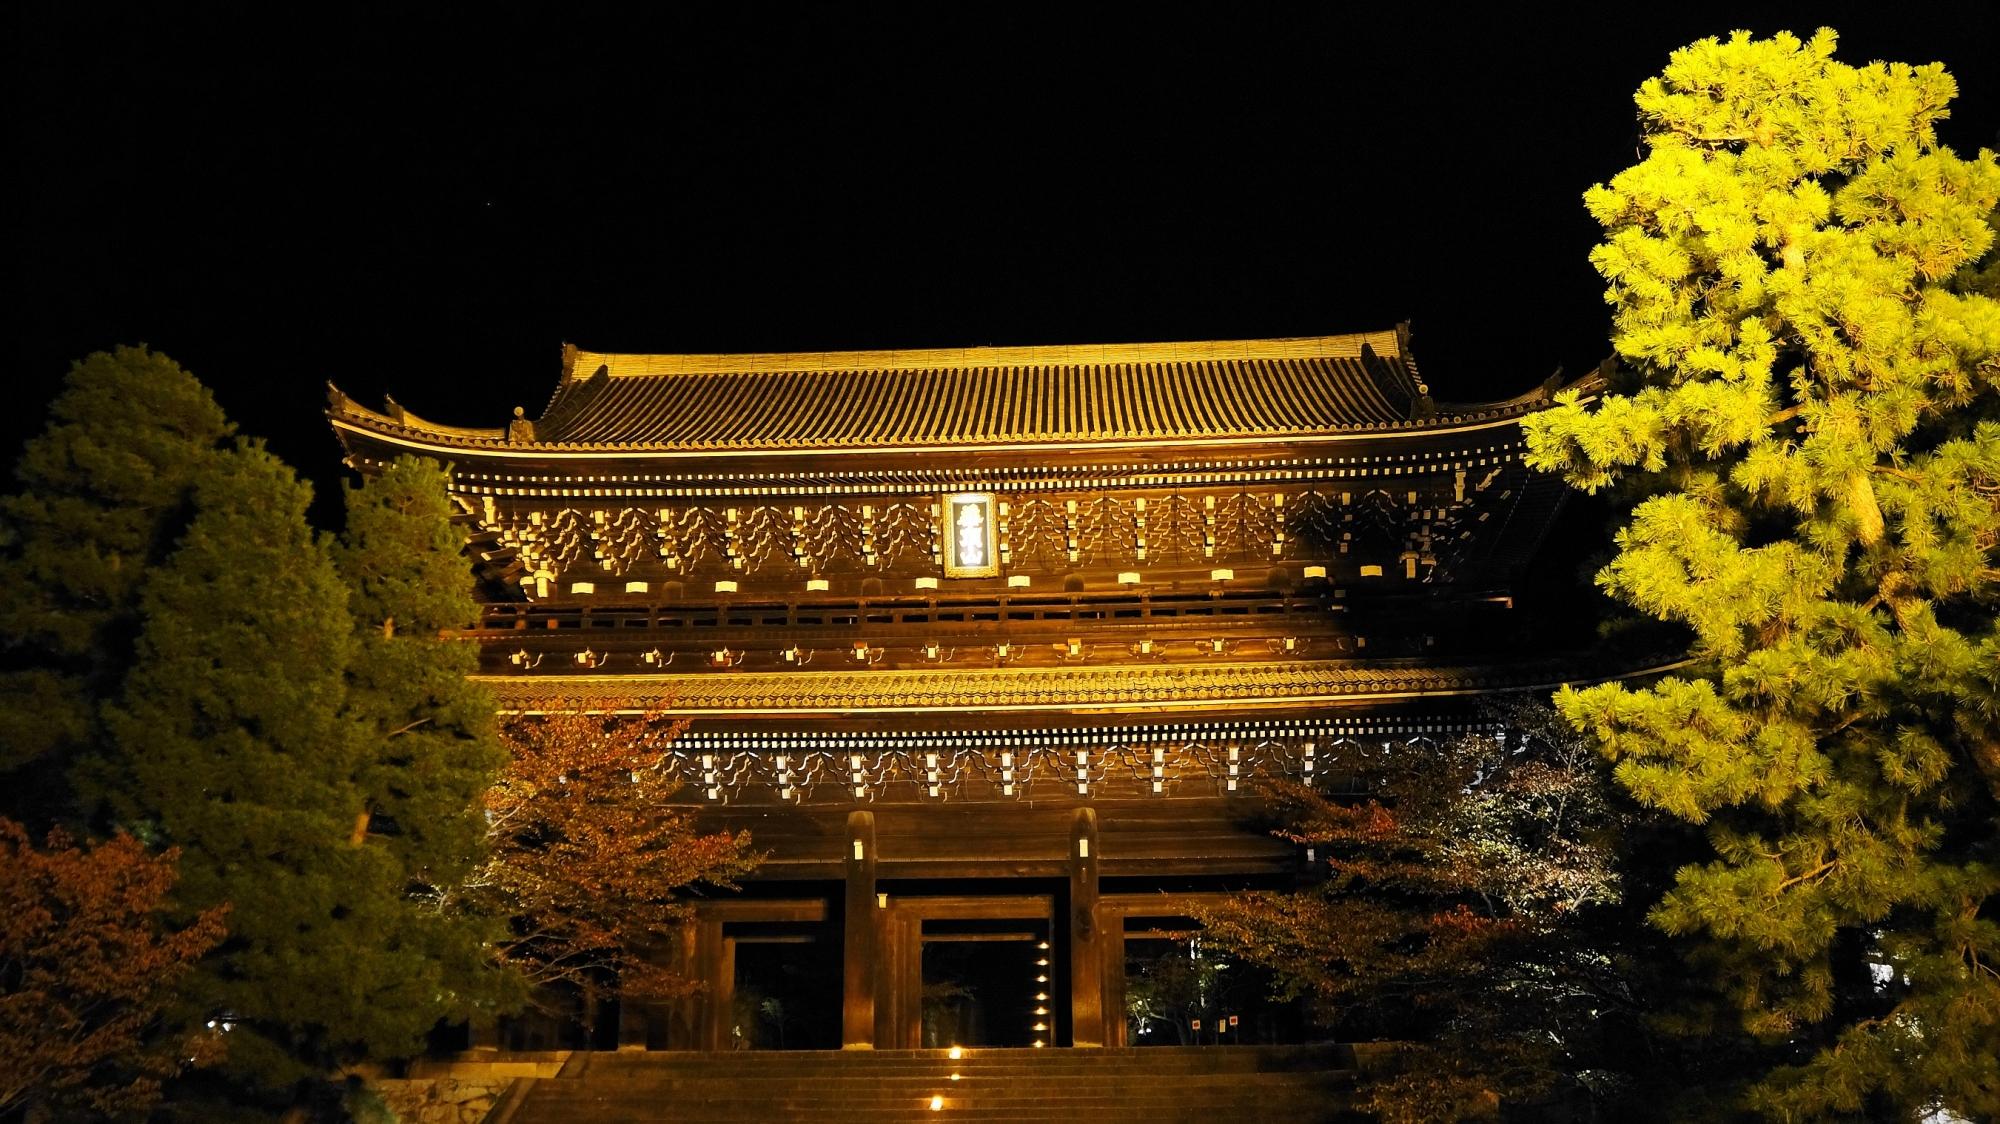 知恩院の巨大な三門のライトアップ